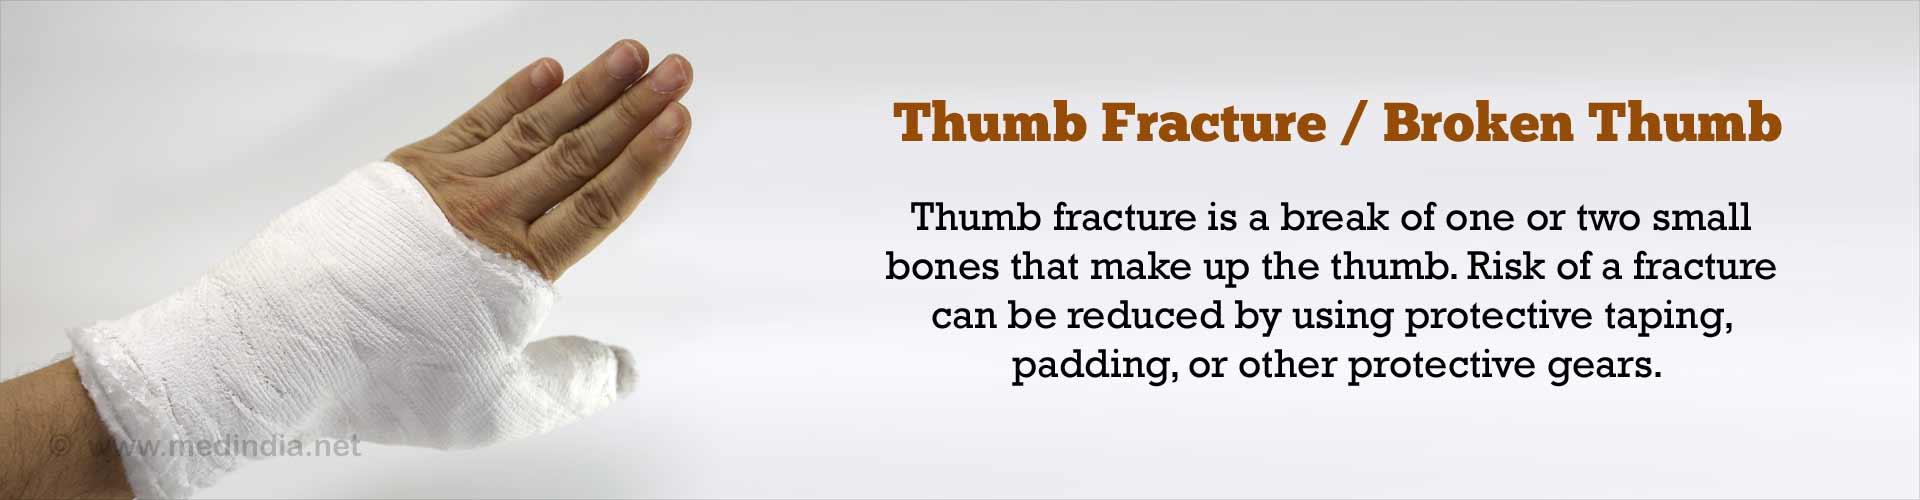 Thumb Fractures / Broken Thumb